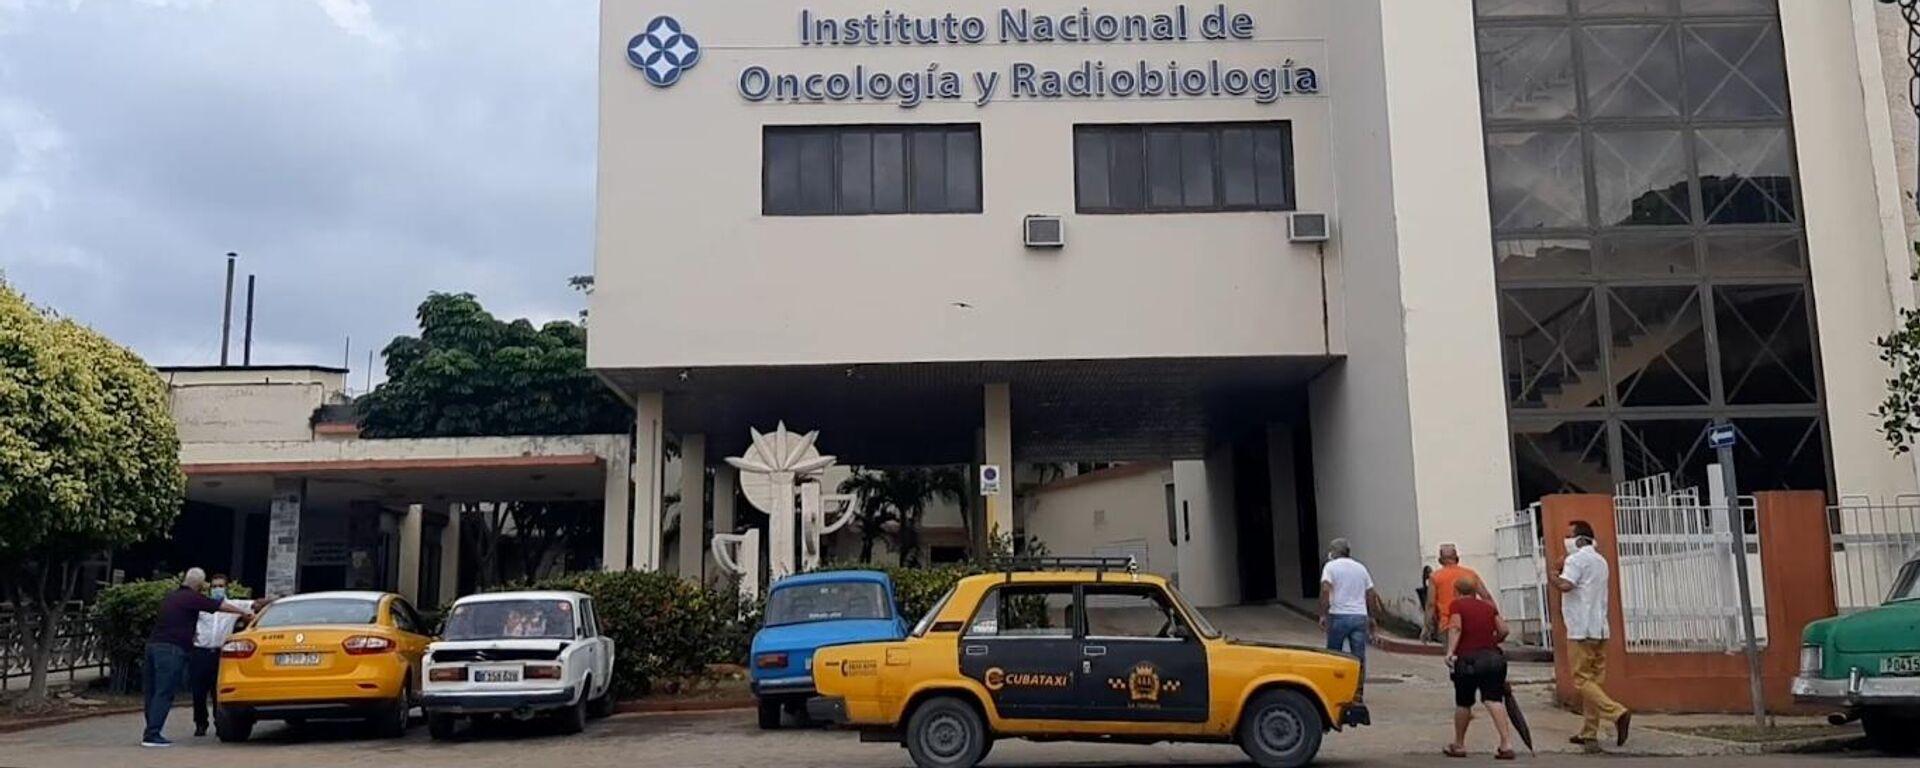 Instituto Nacional de Oncología y Radiobiología de Cuba - Sputnik Mundo, 1920, 21.05.2021